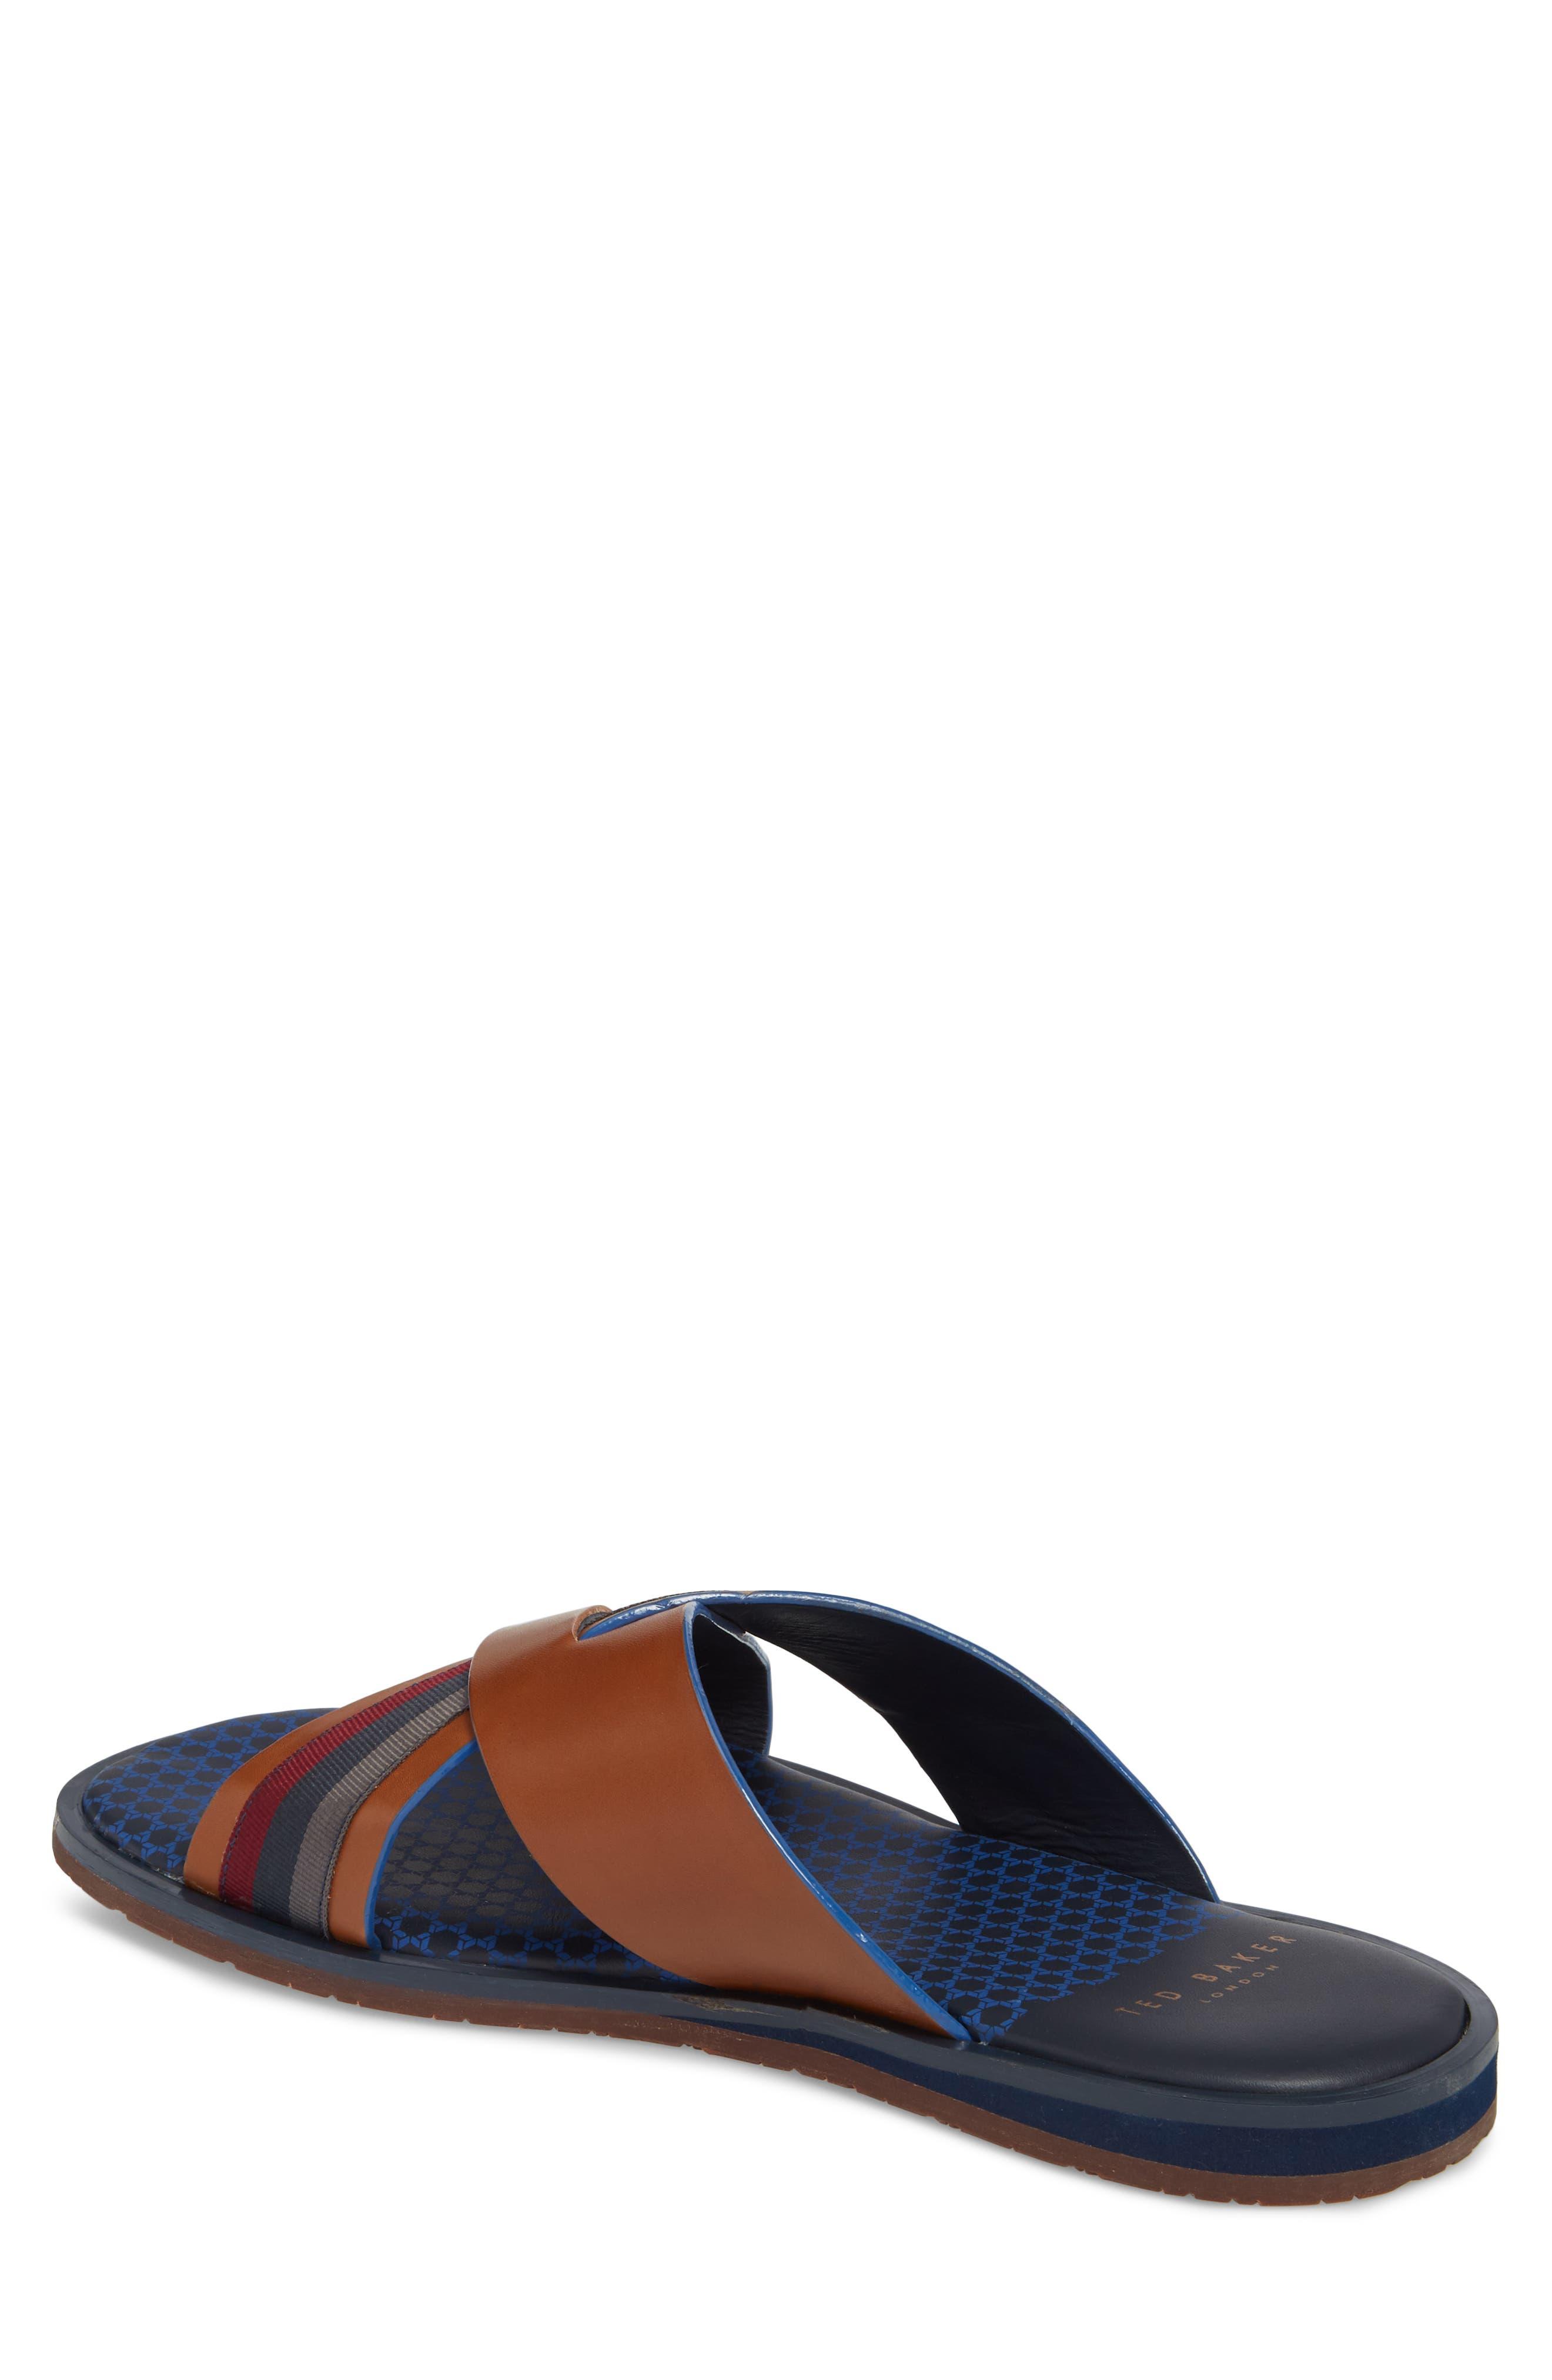 Farrull Cross Strap Slide Sandal,                             Alternate thumbnail 2, color,                             204